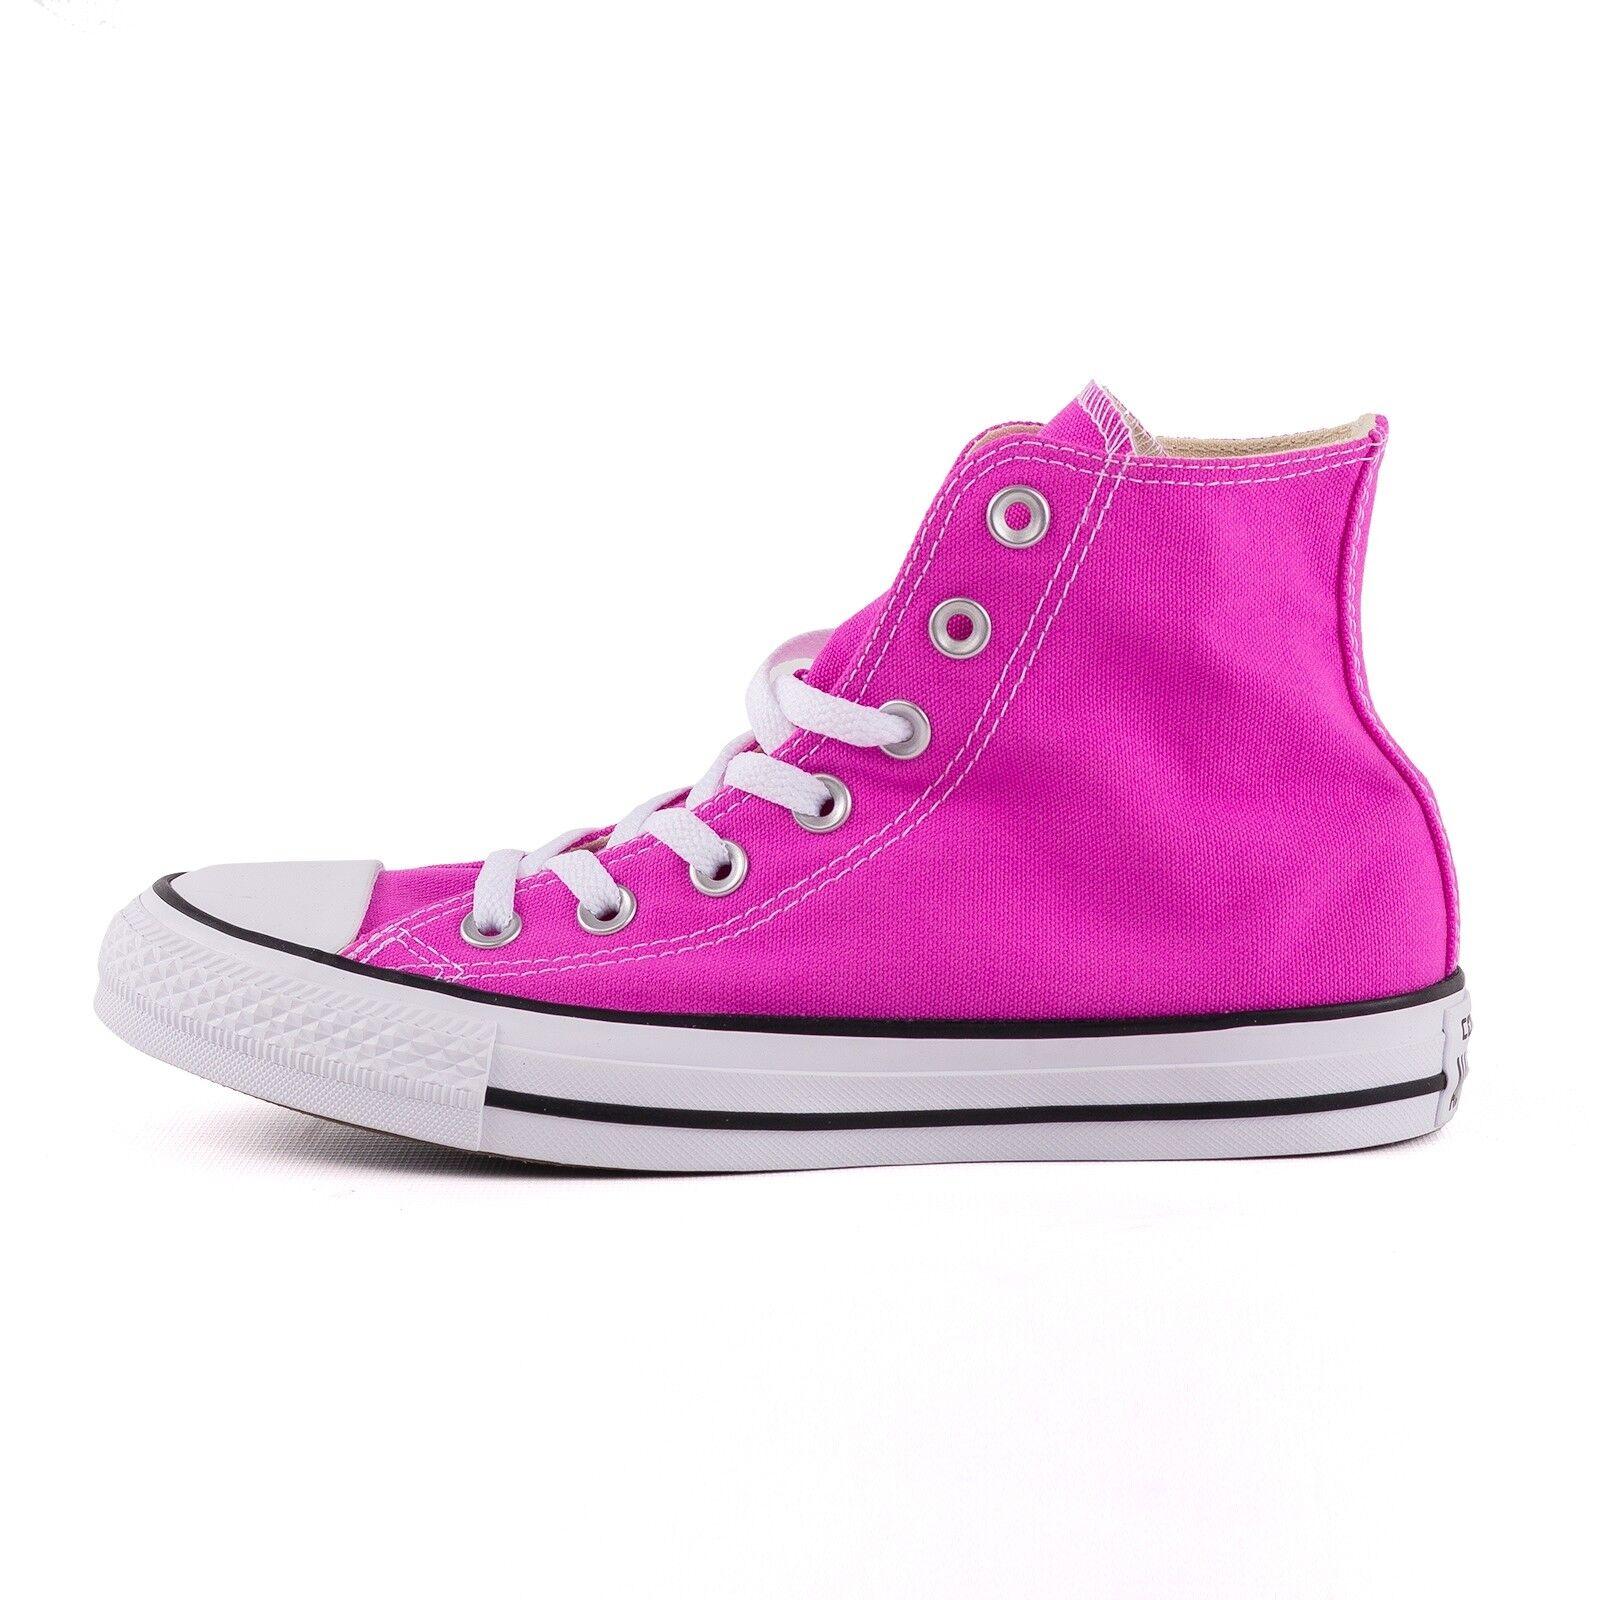 Zapatos promocionales para hombres y mujeres CONVERSE CTAS HI Hiper MAGENTA Calzado de Mujer Altura Zapatillas Fucsia 51410